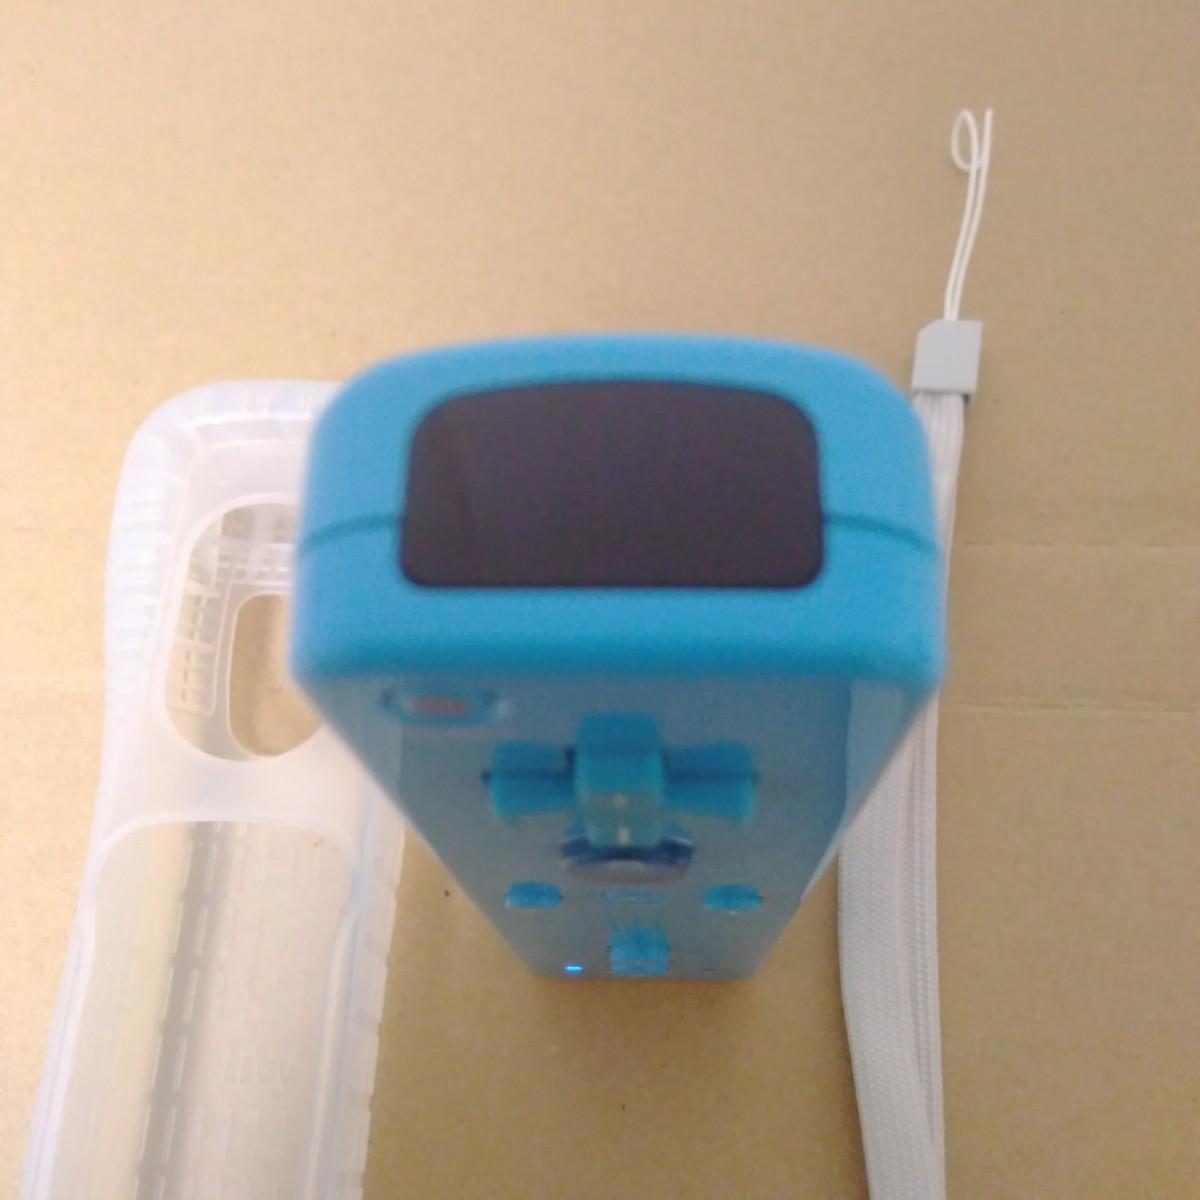 Wiiリモコンプラス ブルー ストラップ・シリコンジャケット 付